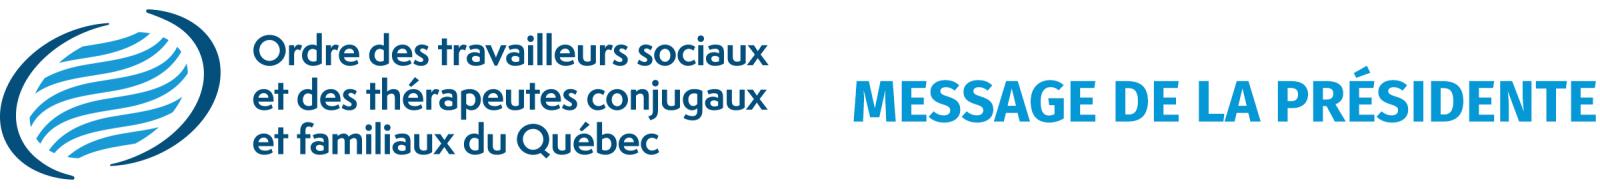 Logo Ordre des travailleurs sociaux et des thérapeutes conjugaux et familiaux du Québec (Message de la présidente)